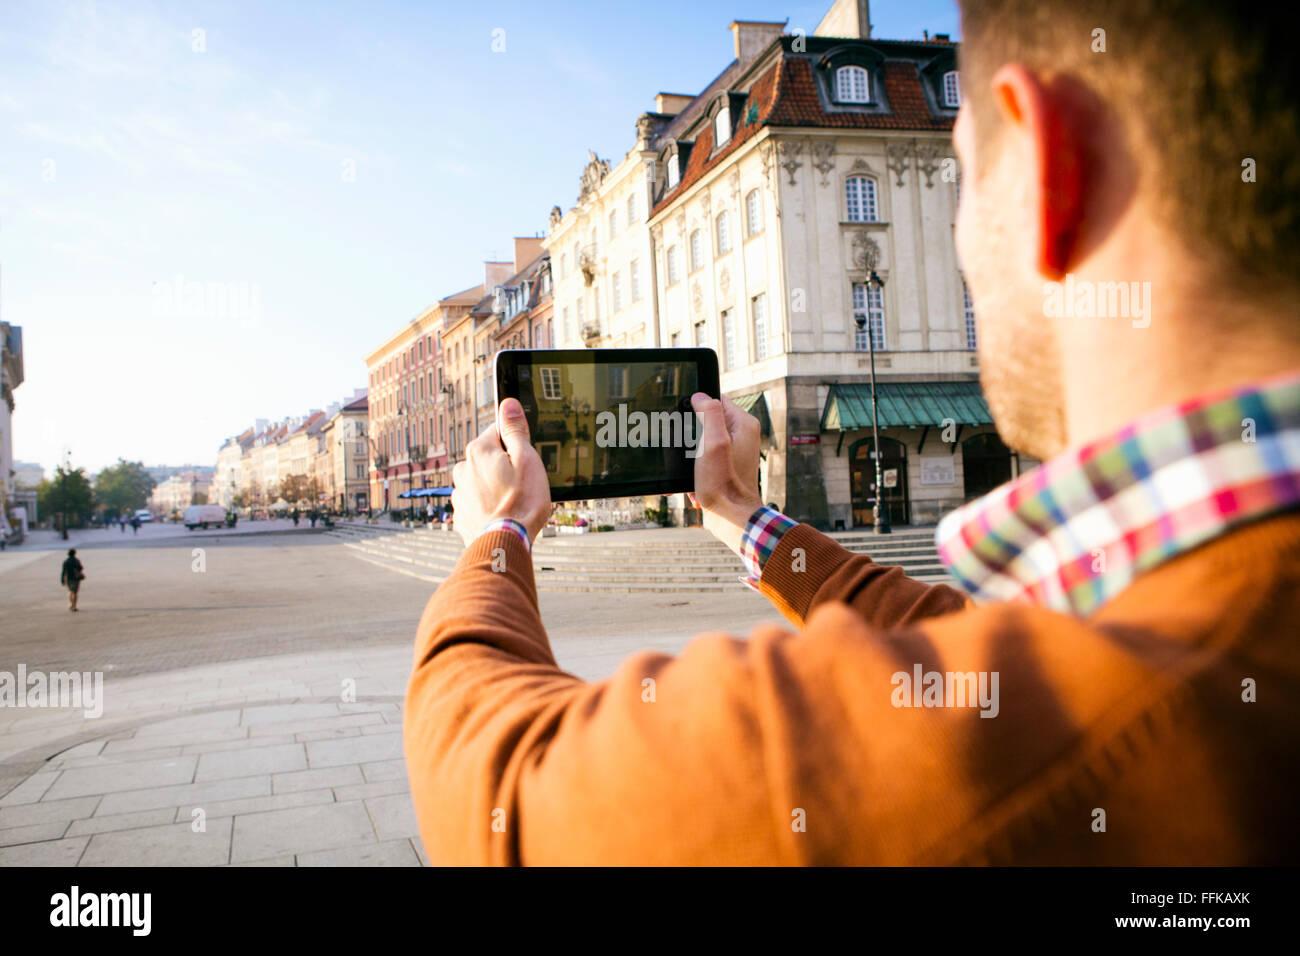 L'homme sur une escapade en ville, de prendre une photo avec smart phone Photo Stock